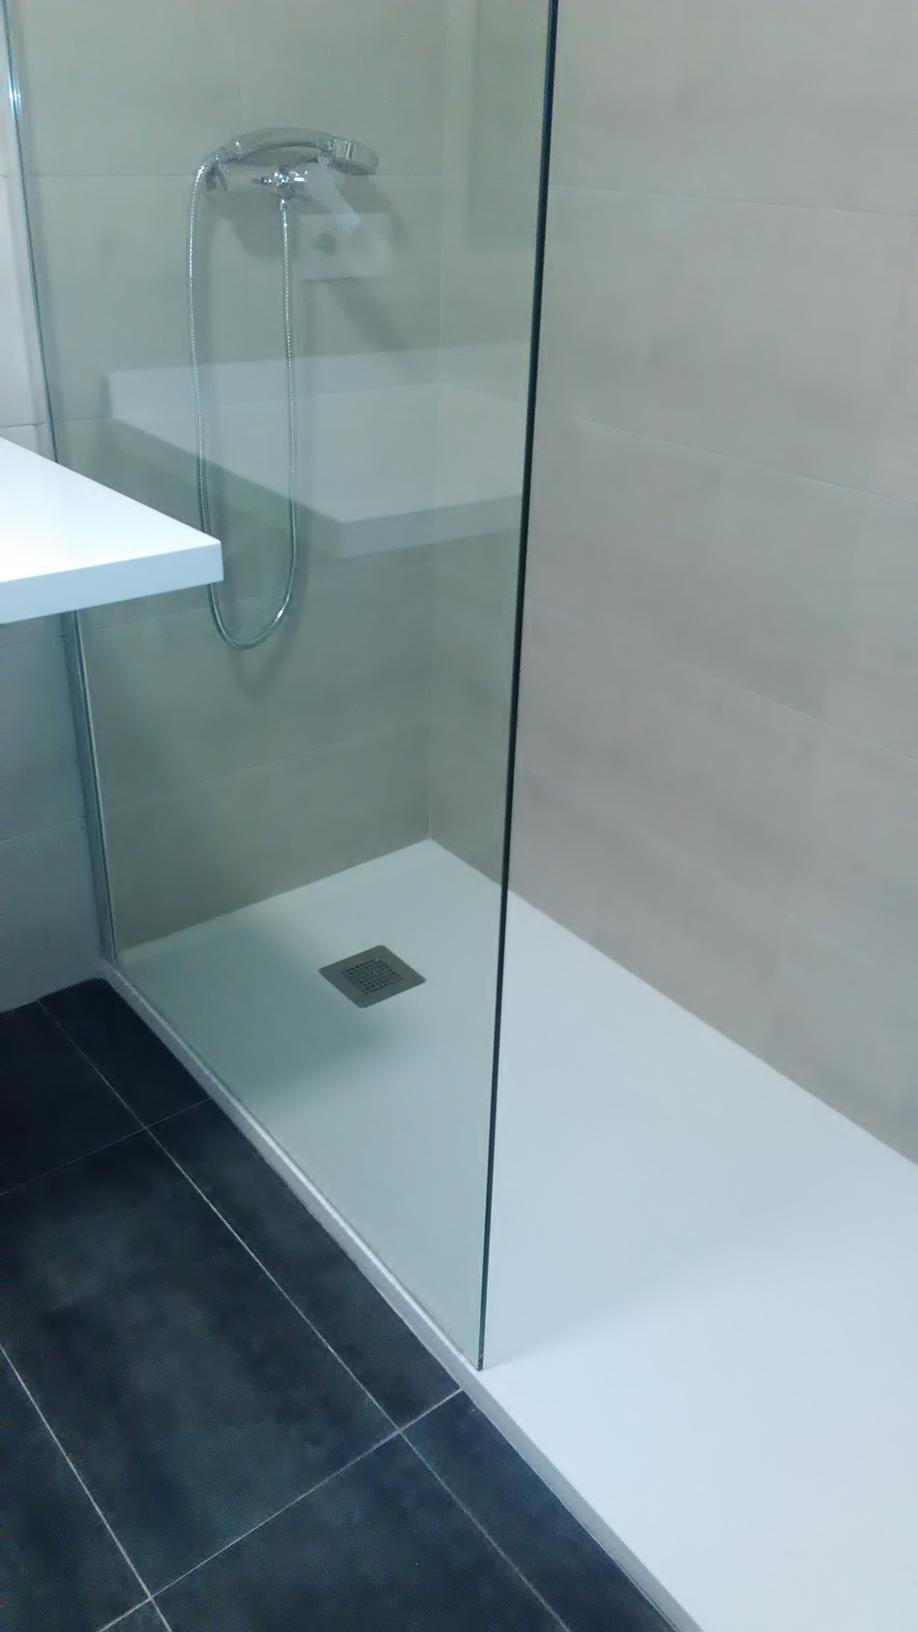 presupuesto de cambio de bañera por plato de ducha en torrevieja guardamar del segura orihuela pilar de la horadada